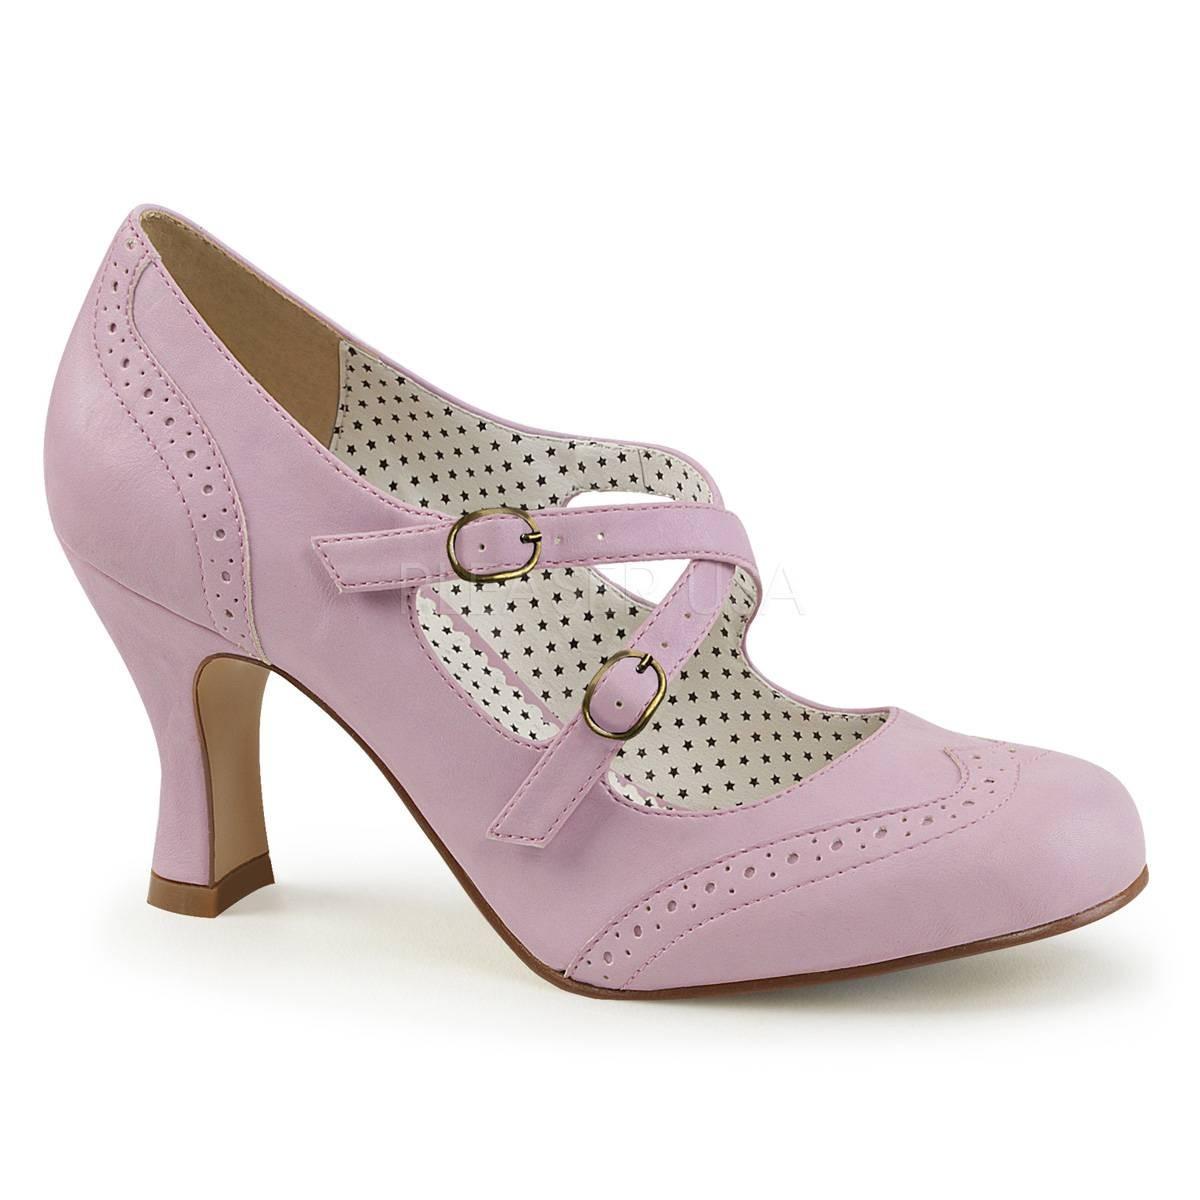 Pumps für Frauen - FLAPPER 35 ° Damen Pumps ° LilaMatt ° Pin Up Couture  - Onlineshop RedSixty